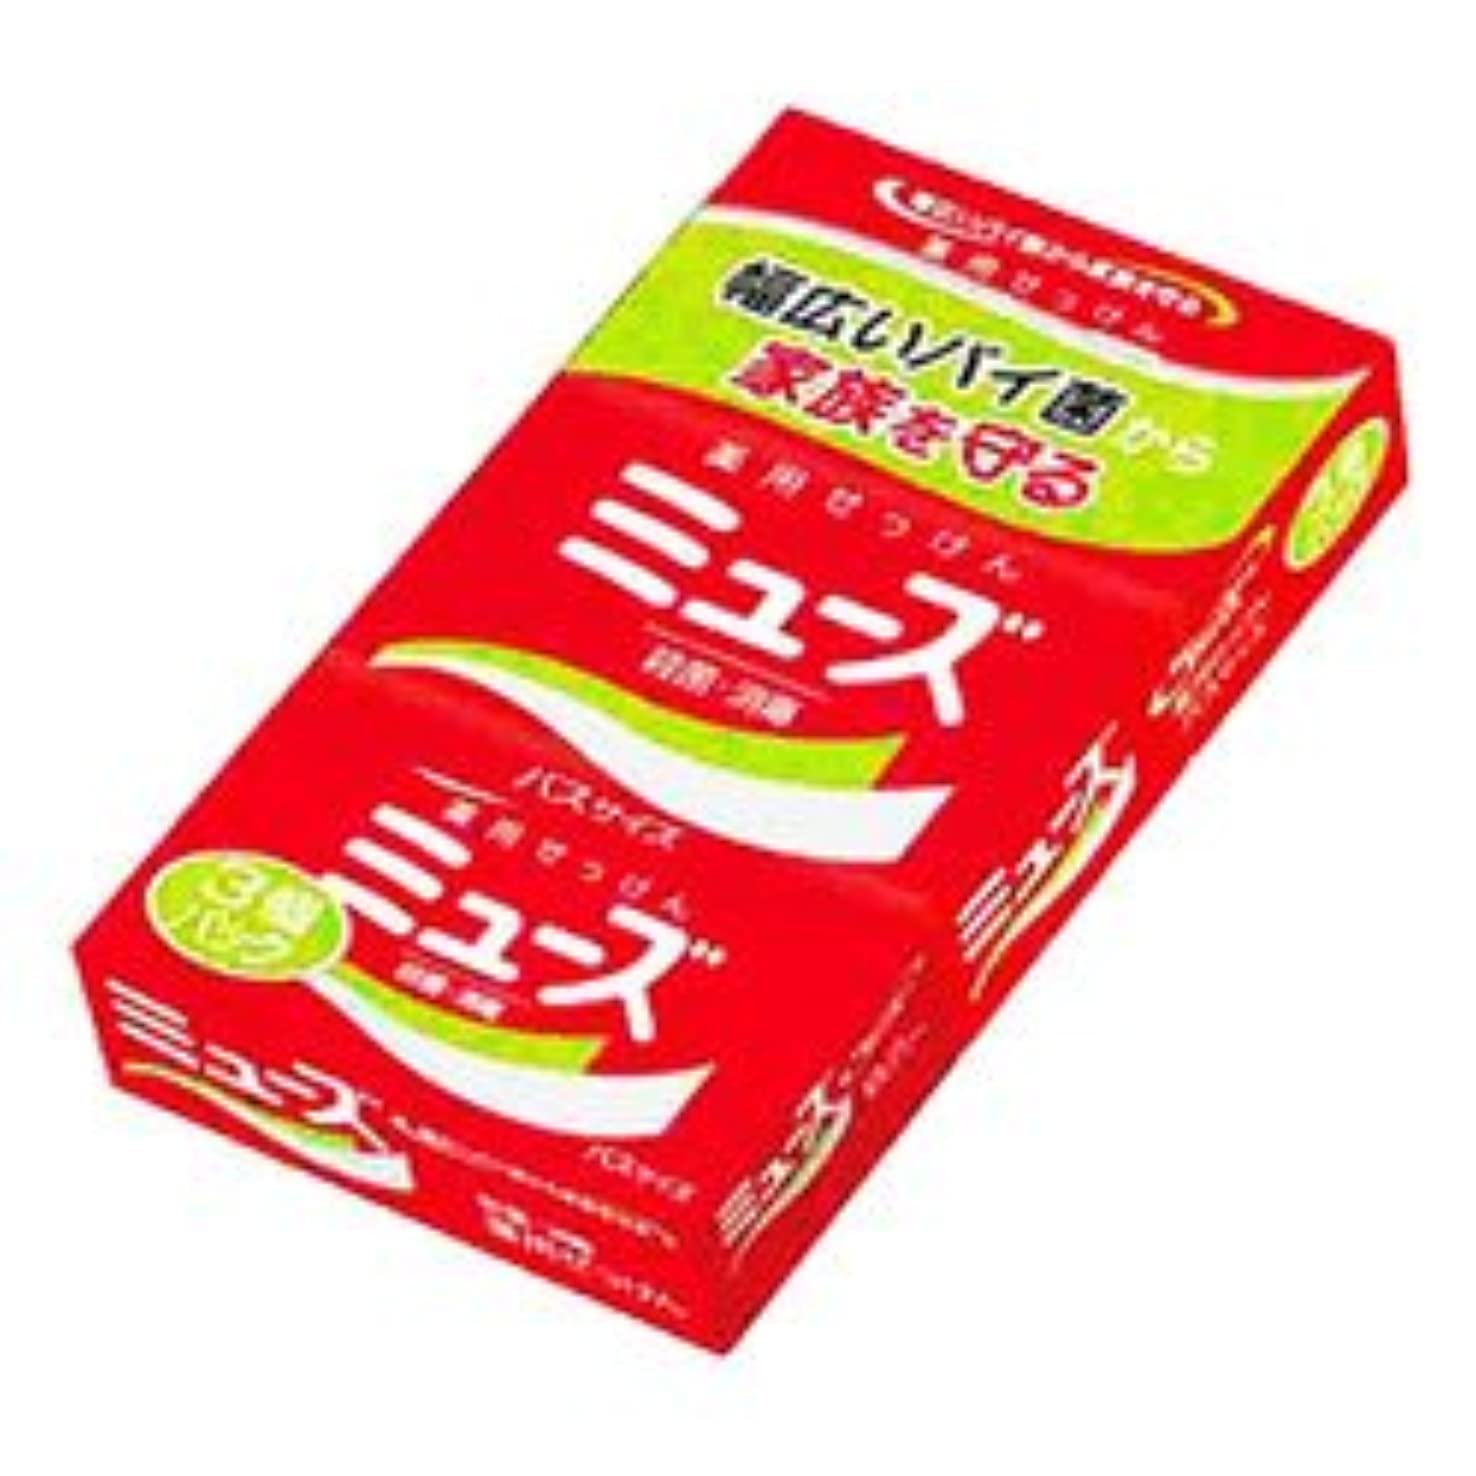 メダルコミットメント打ち上げる【アース製薬】ミューズ石鹸 バスサイズ 135g*3 ×20個セット